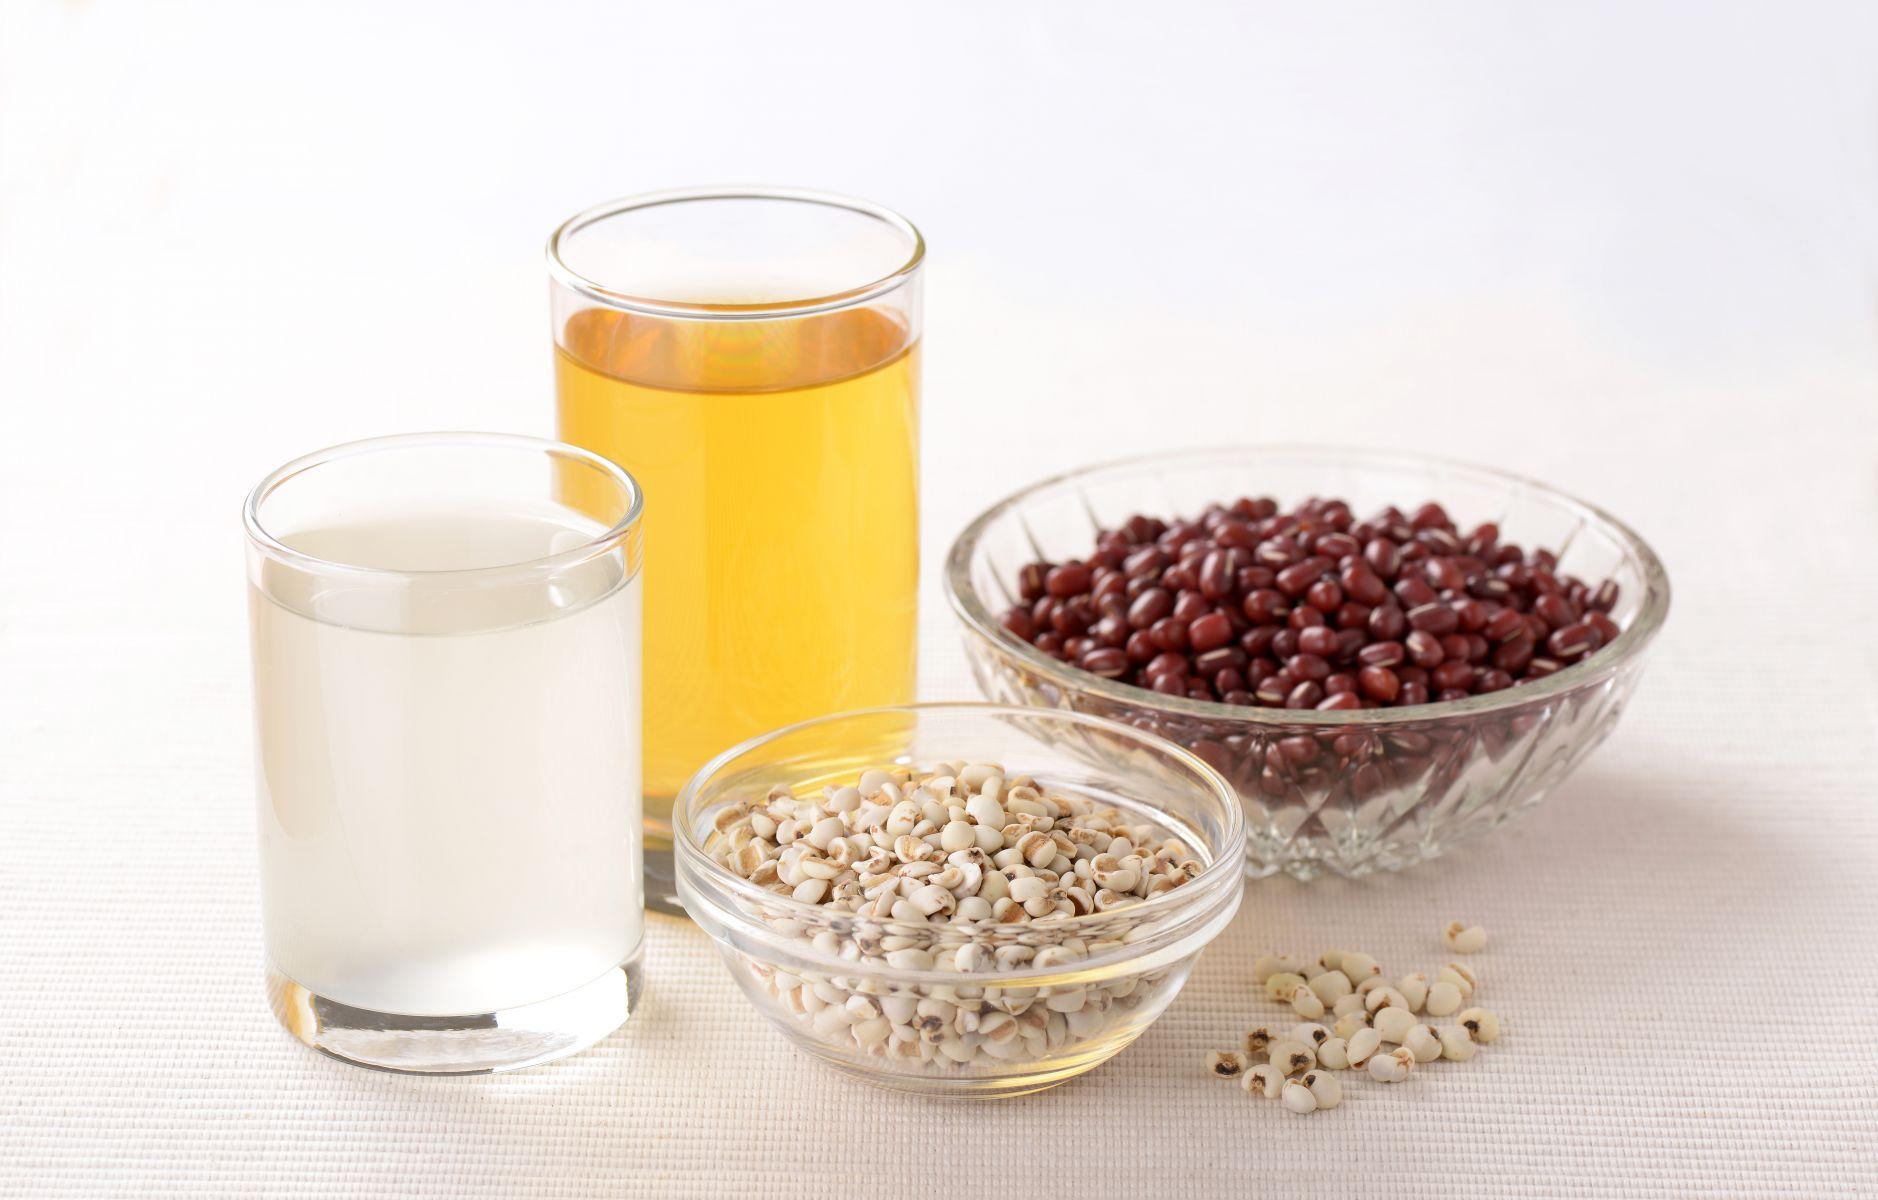 多喝紅豆水、薏仁水、 玉米鬚茶,就能排體濕?